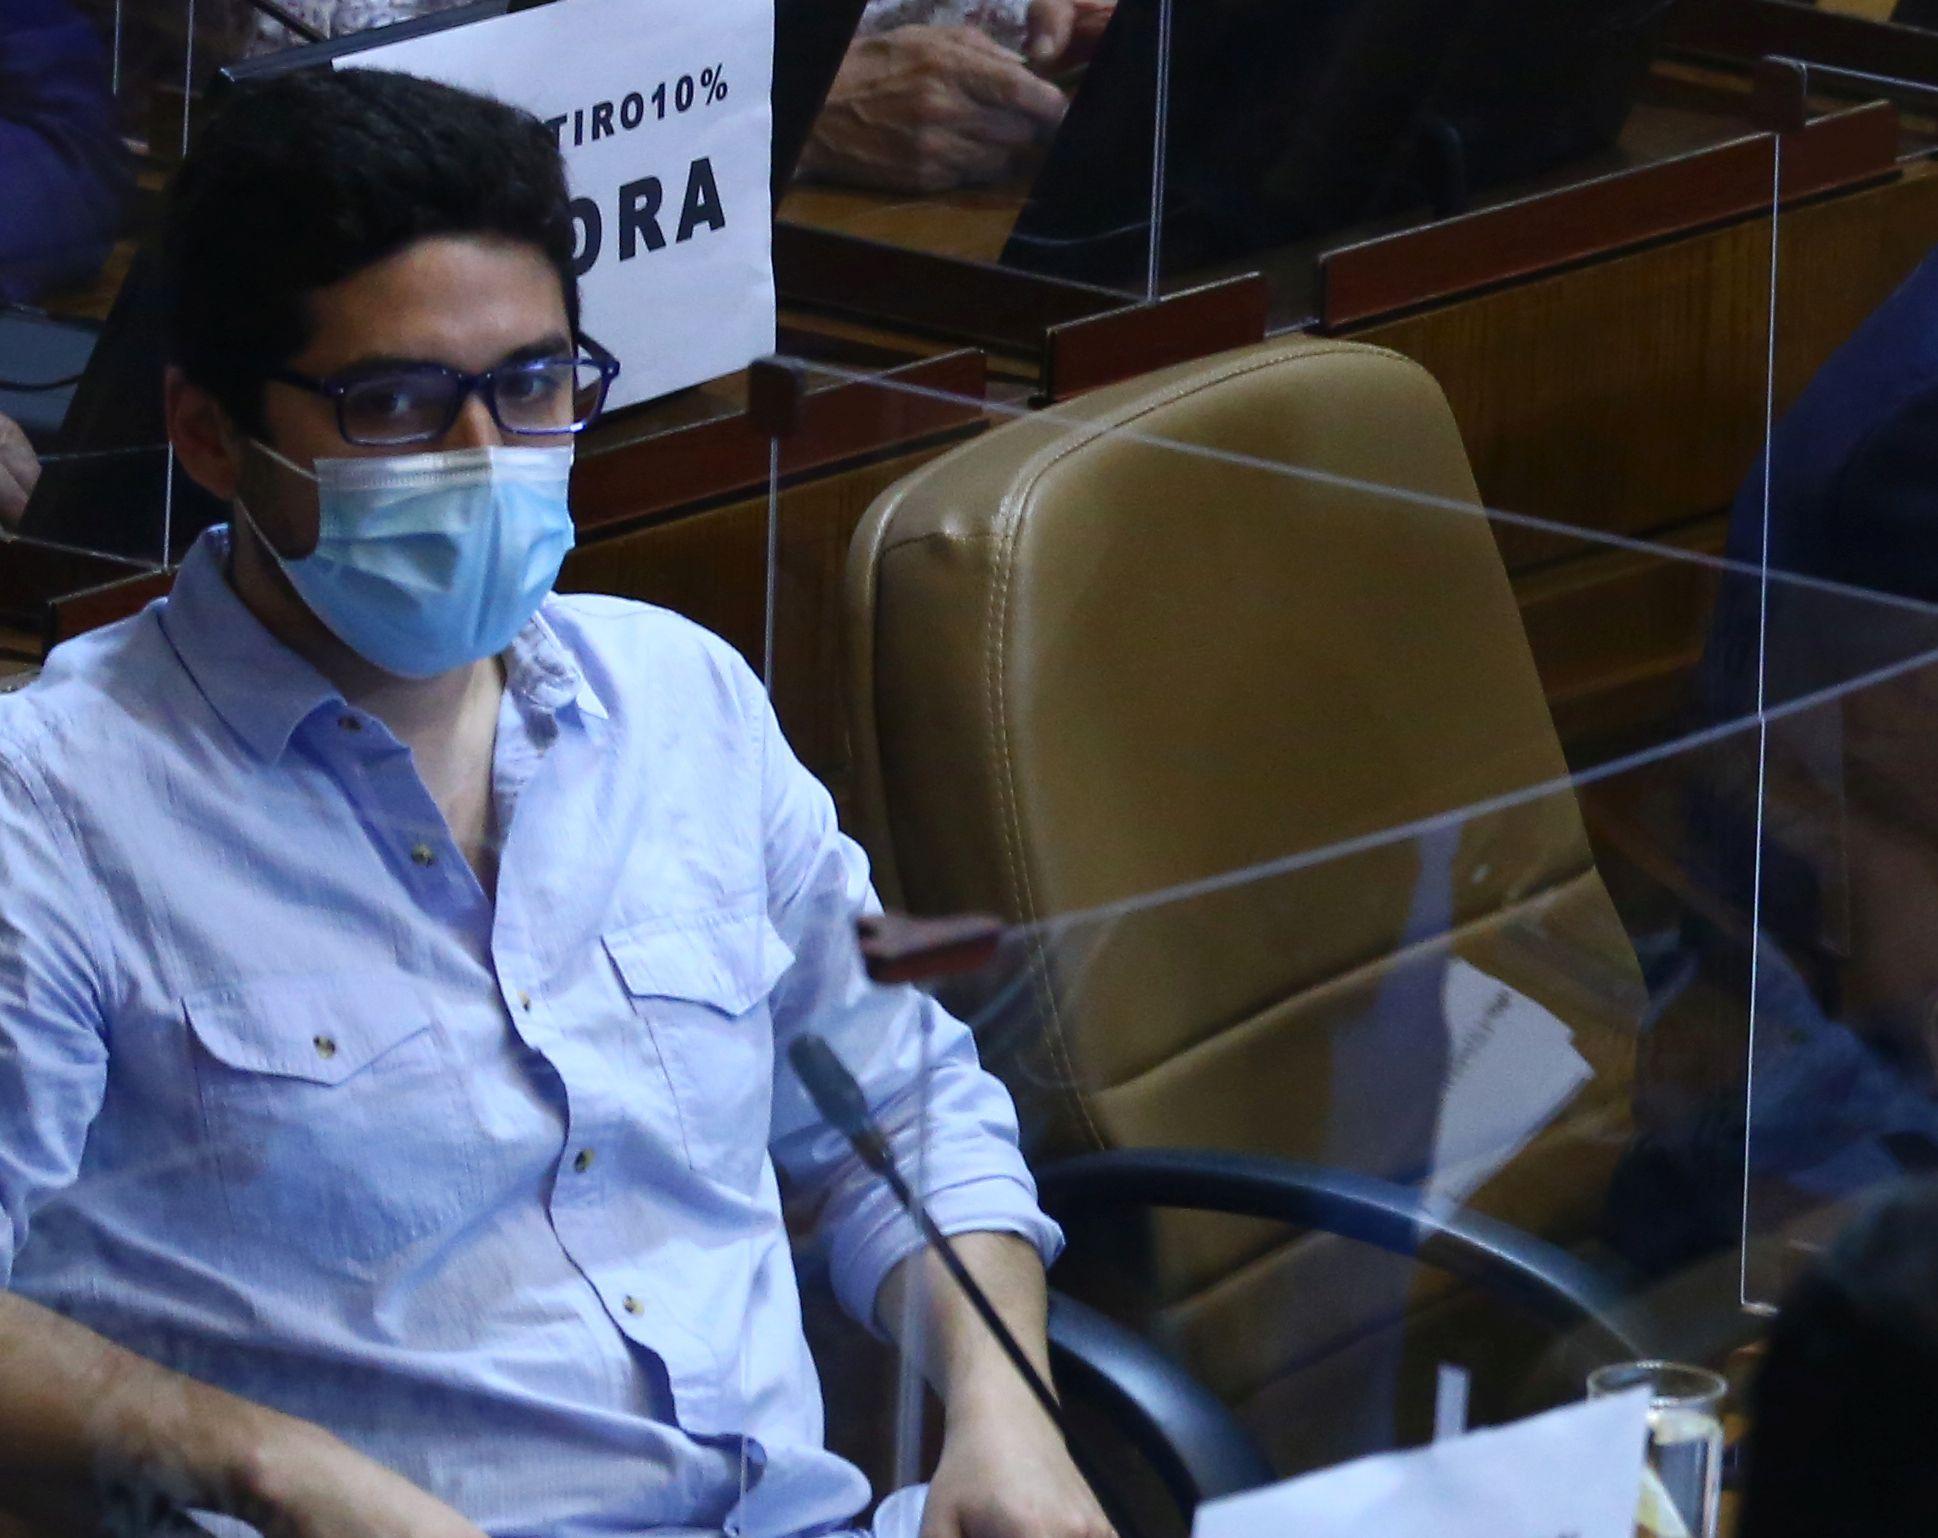 Diputado Santana pide suspensión de clases presenciales en Atacama